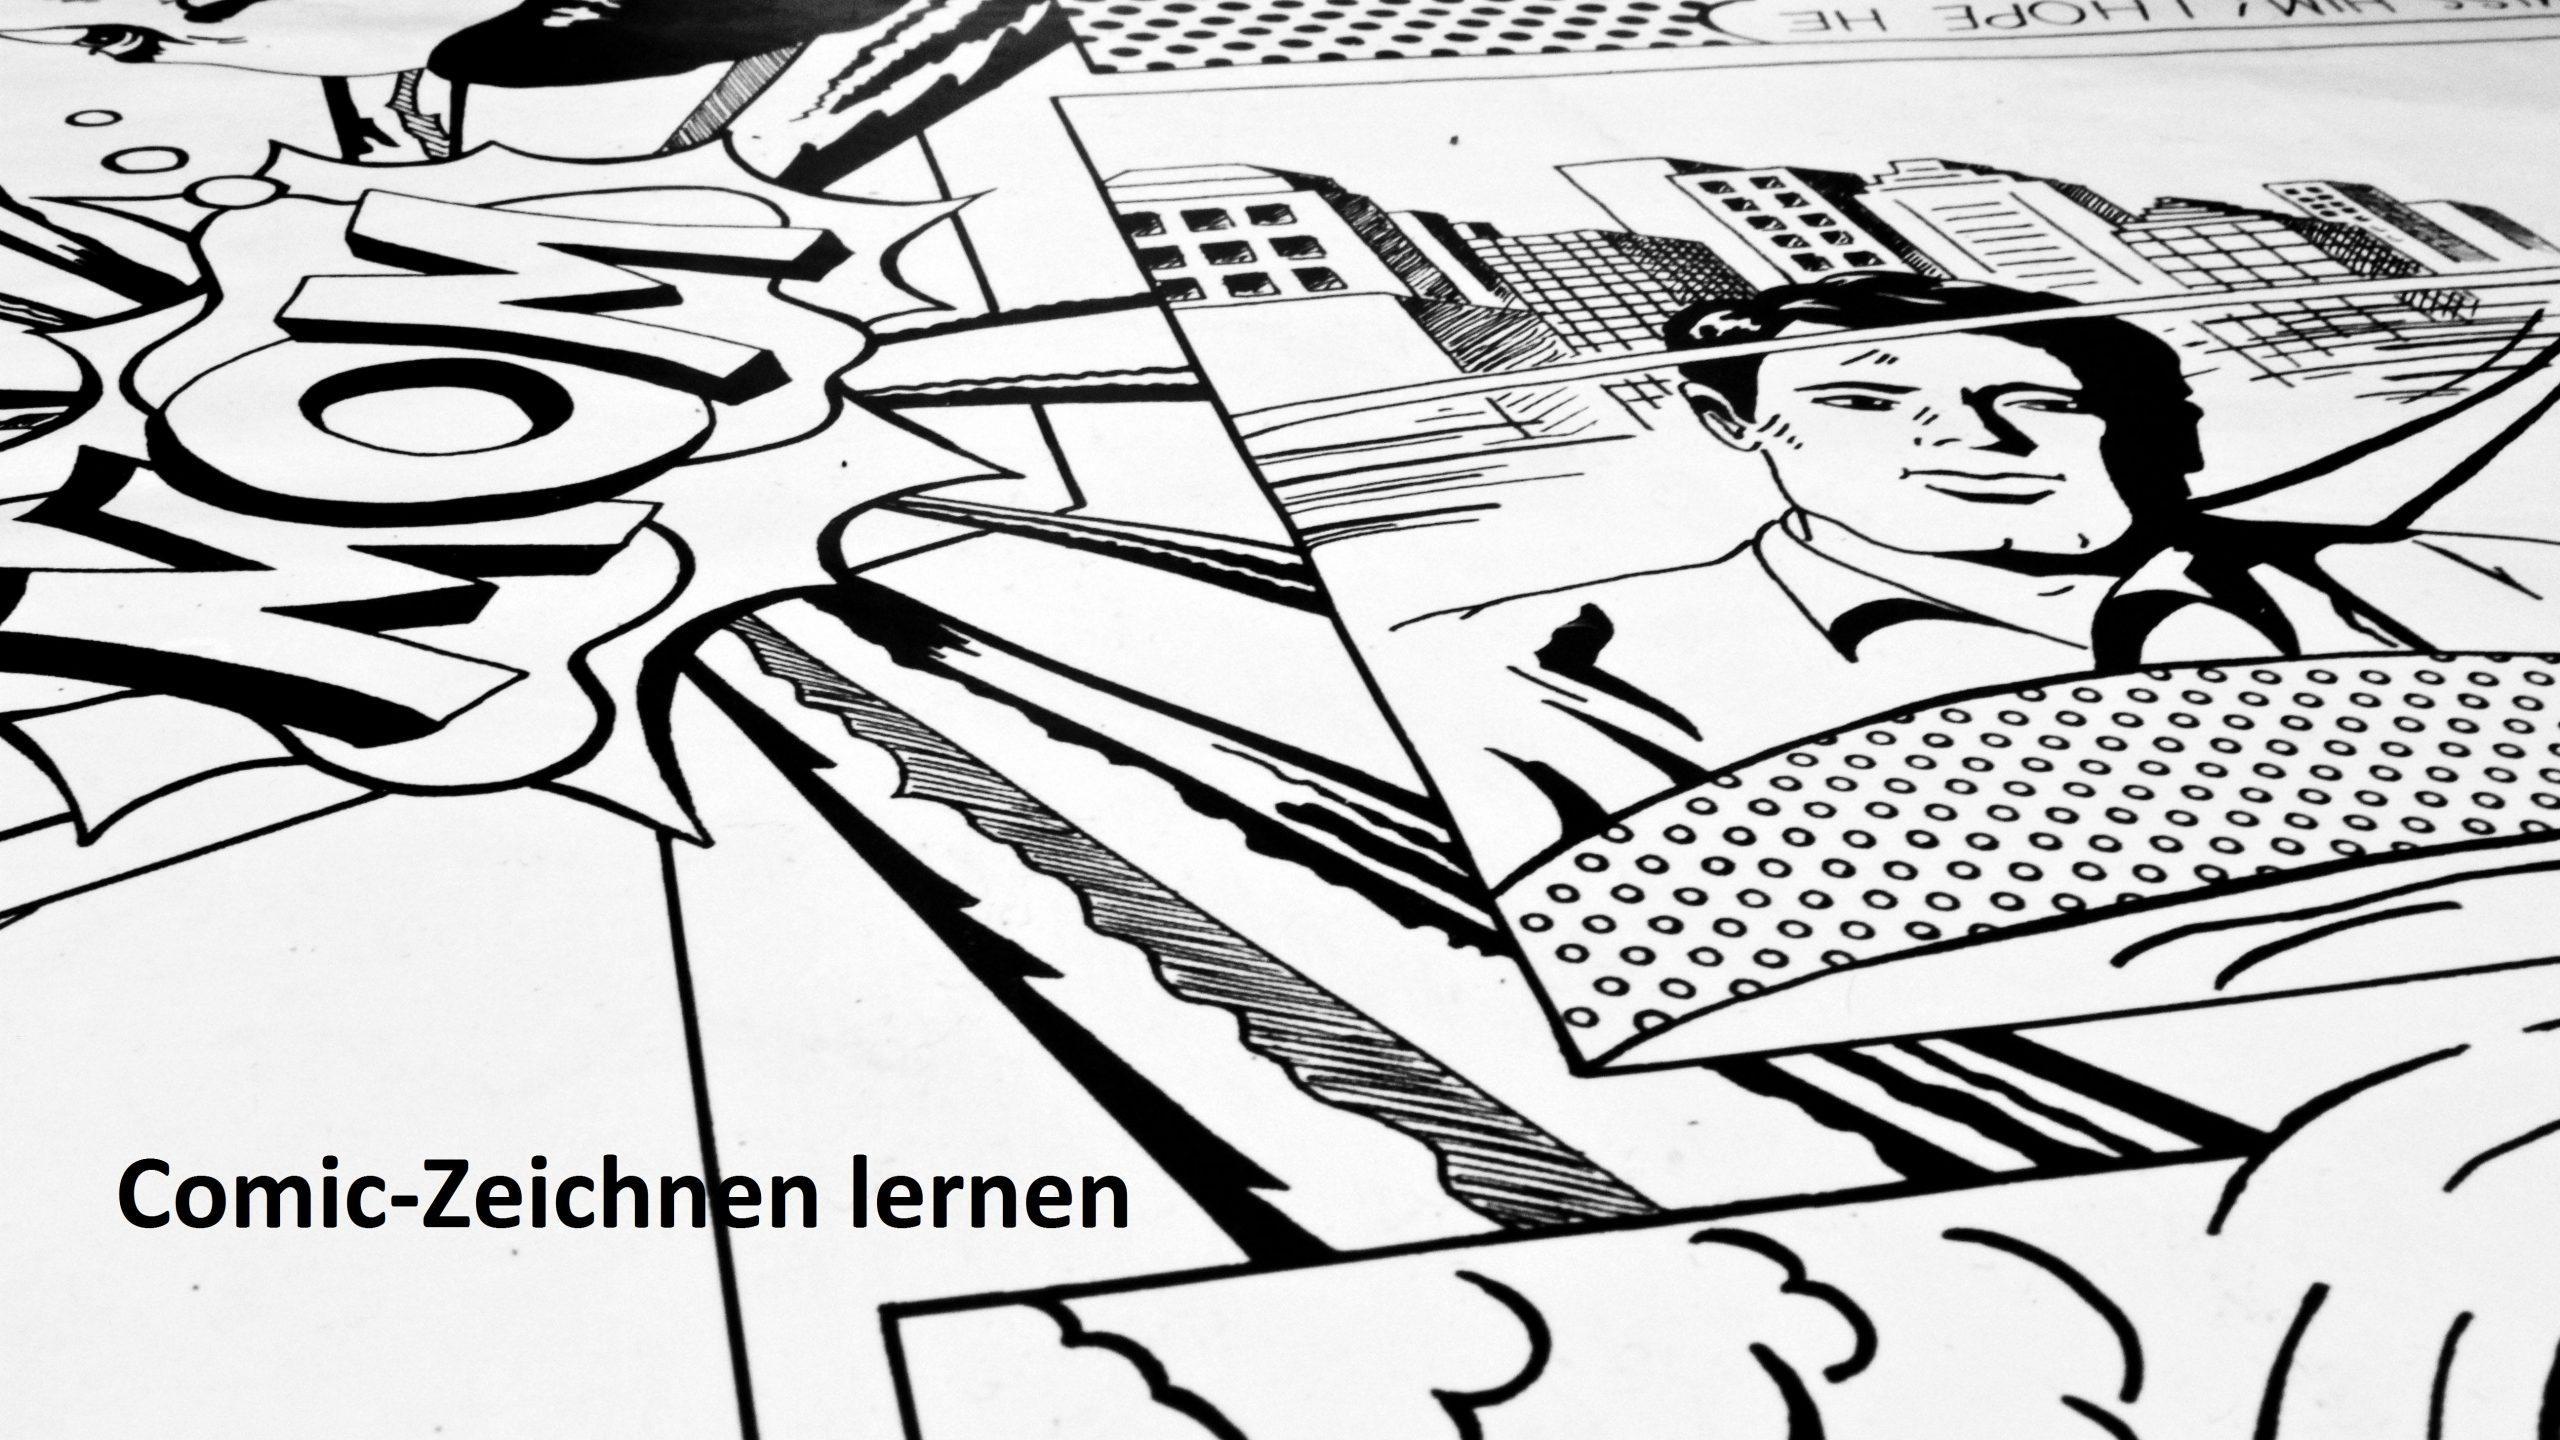 Comic-Zeichnen Lernen: Fünf Gute Online-Tutorials für Comicfiguren Zeichnen Lernen